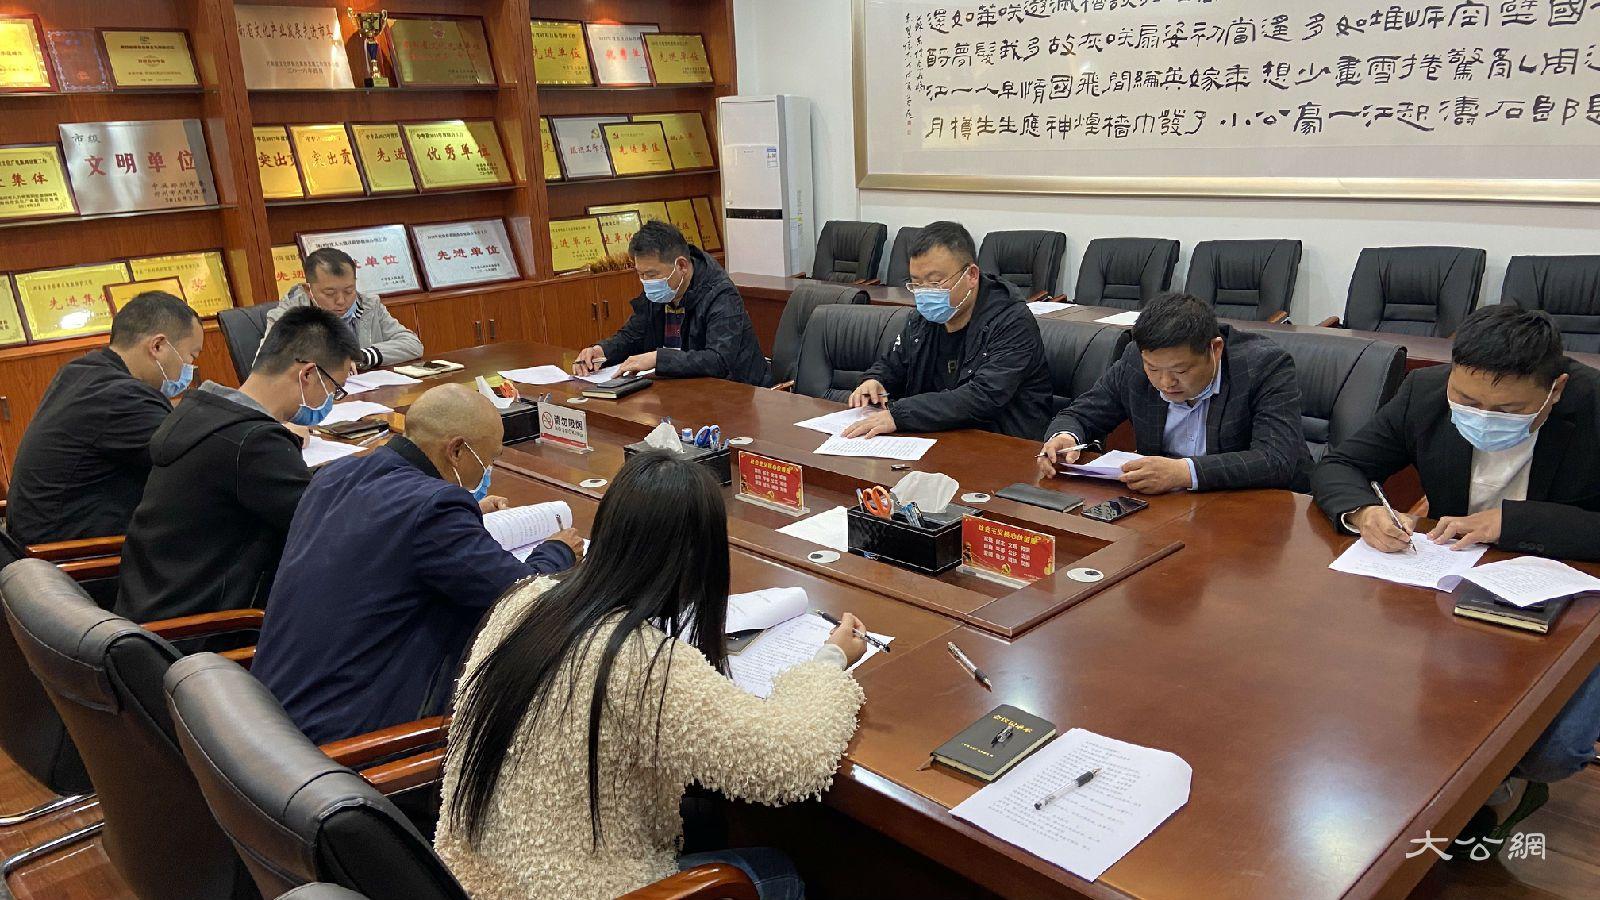 河南省中牟县文化广电旅游局开展文物保护业务培训